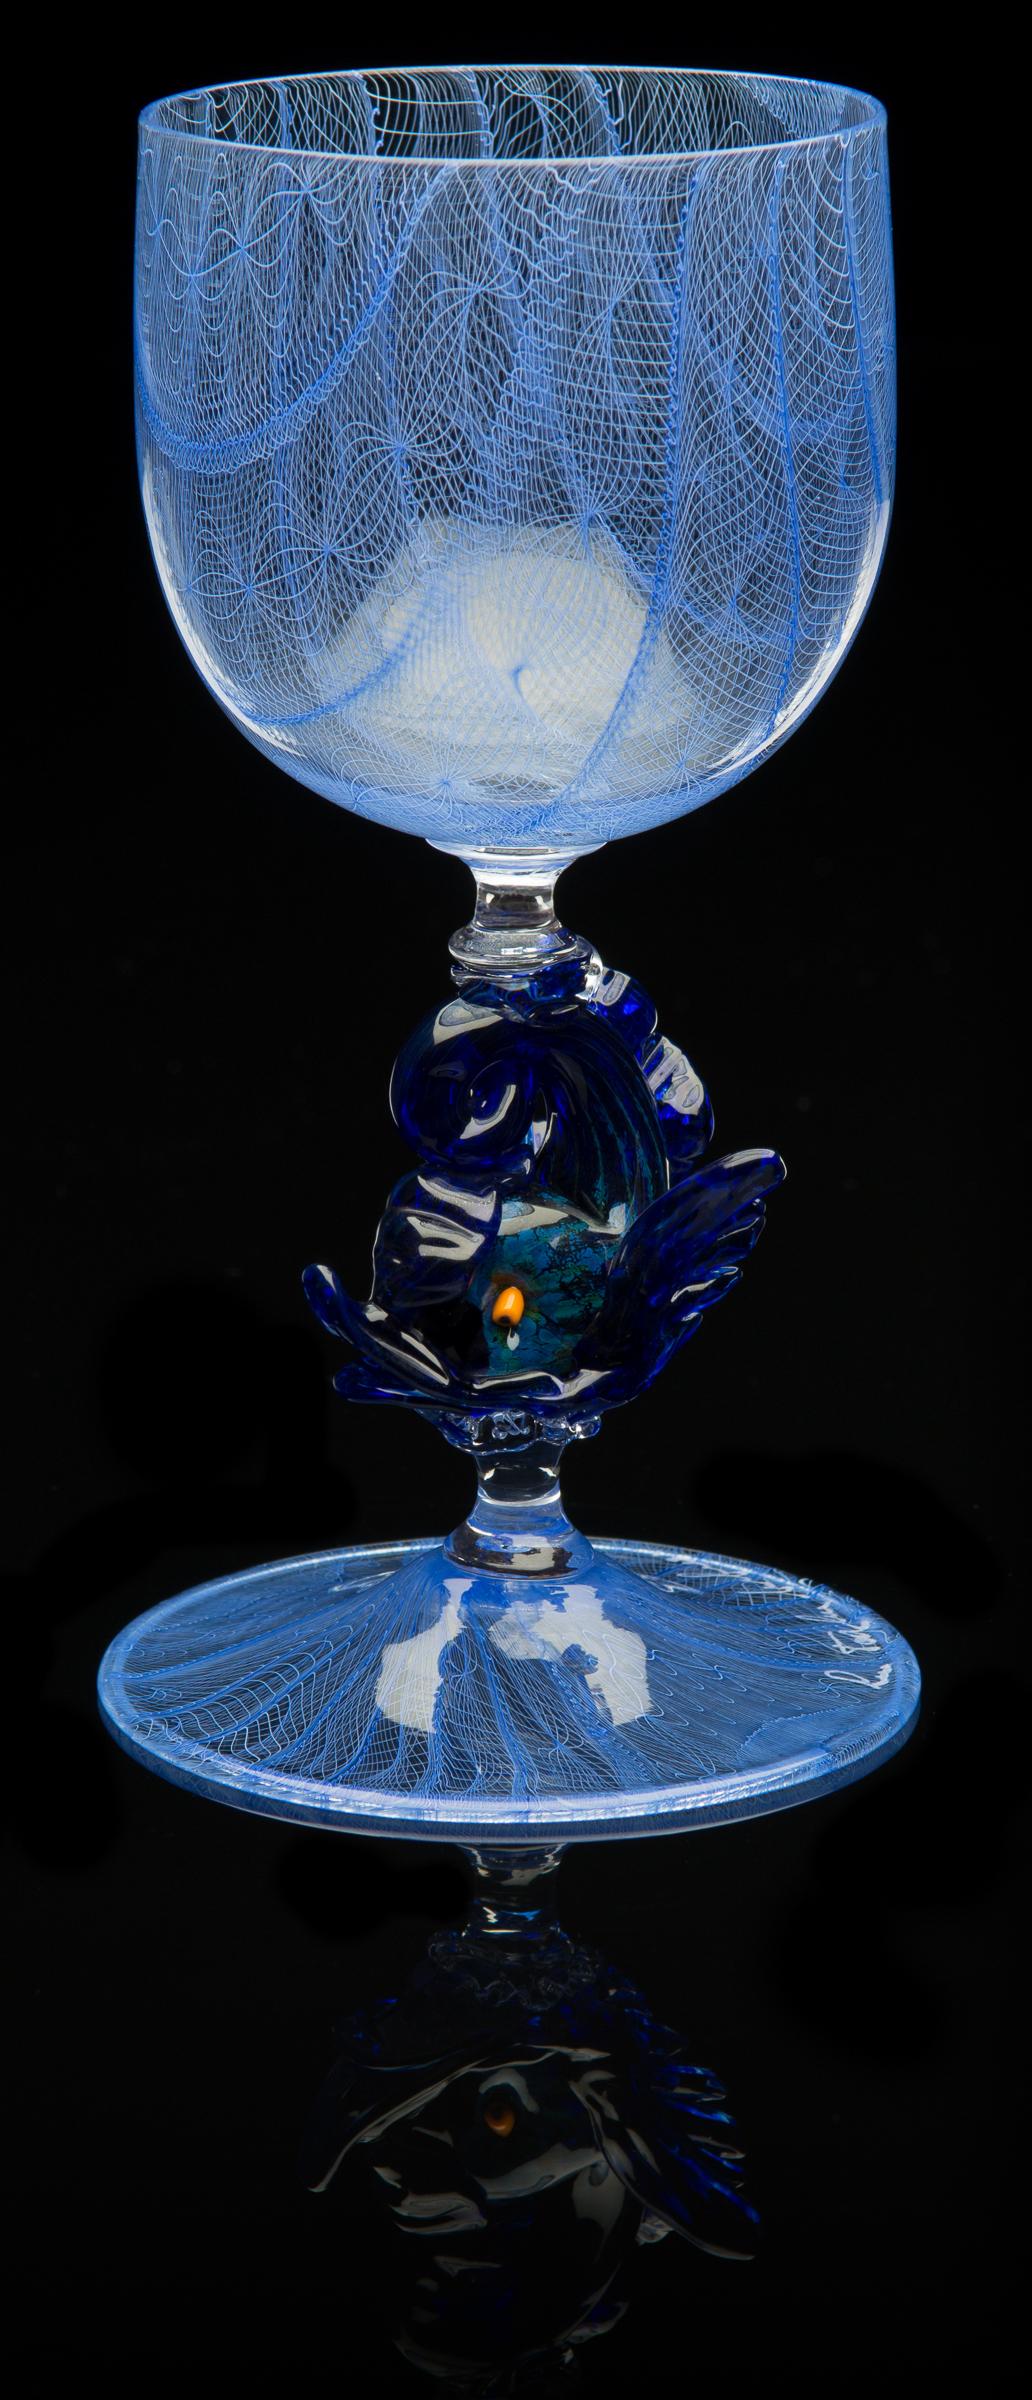 Lino Tagliapietra, Dolphin-stem  Goblet (1991-1994, glass, 6 1/2 x 3 1/2 x 3 1/2inches), LT.63